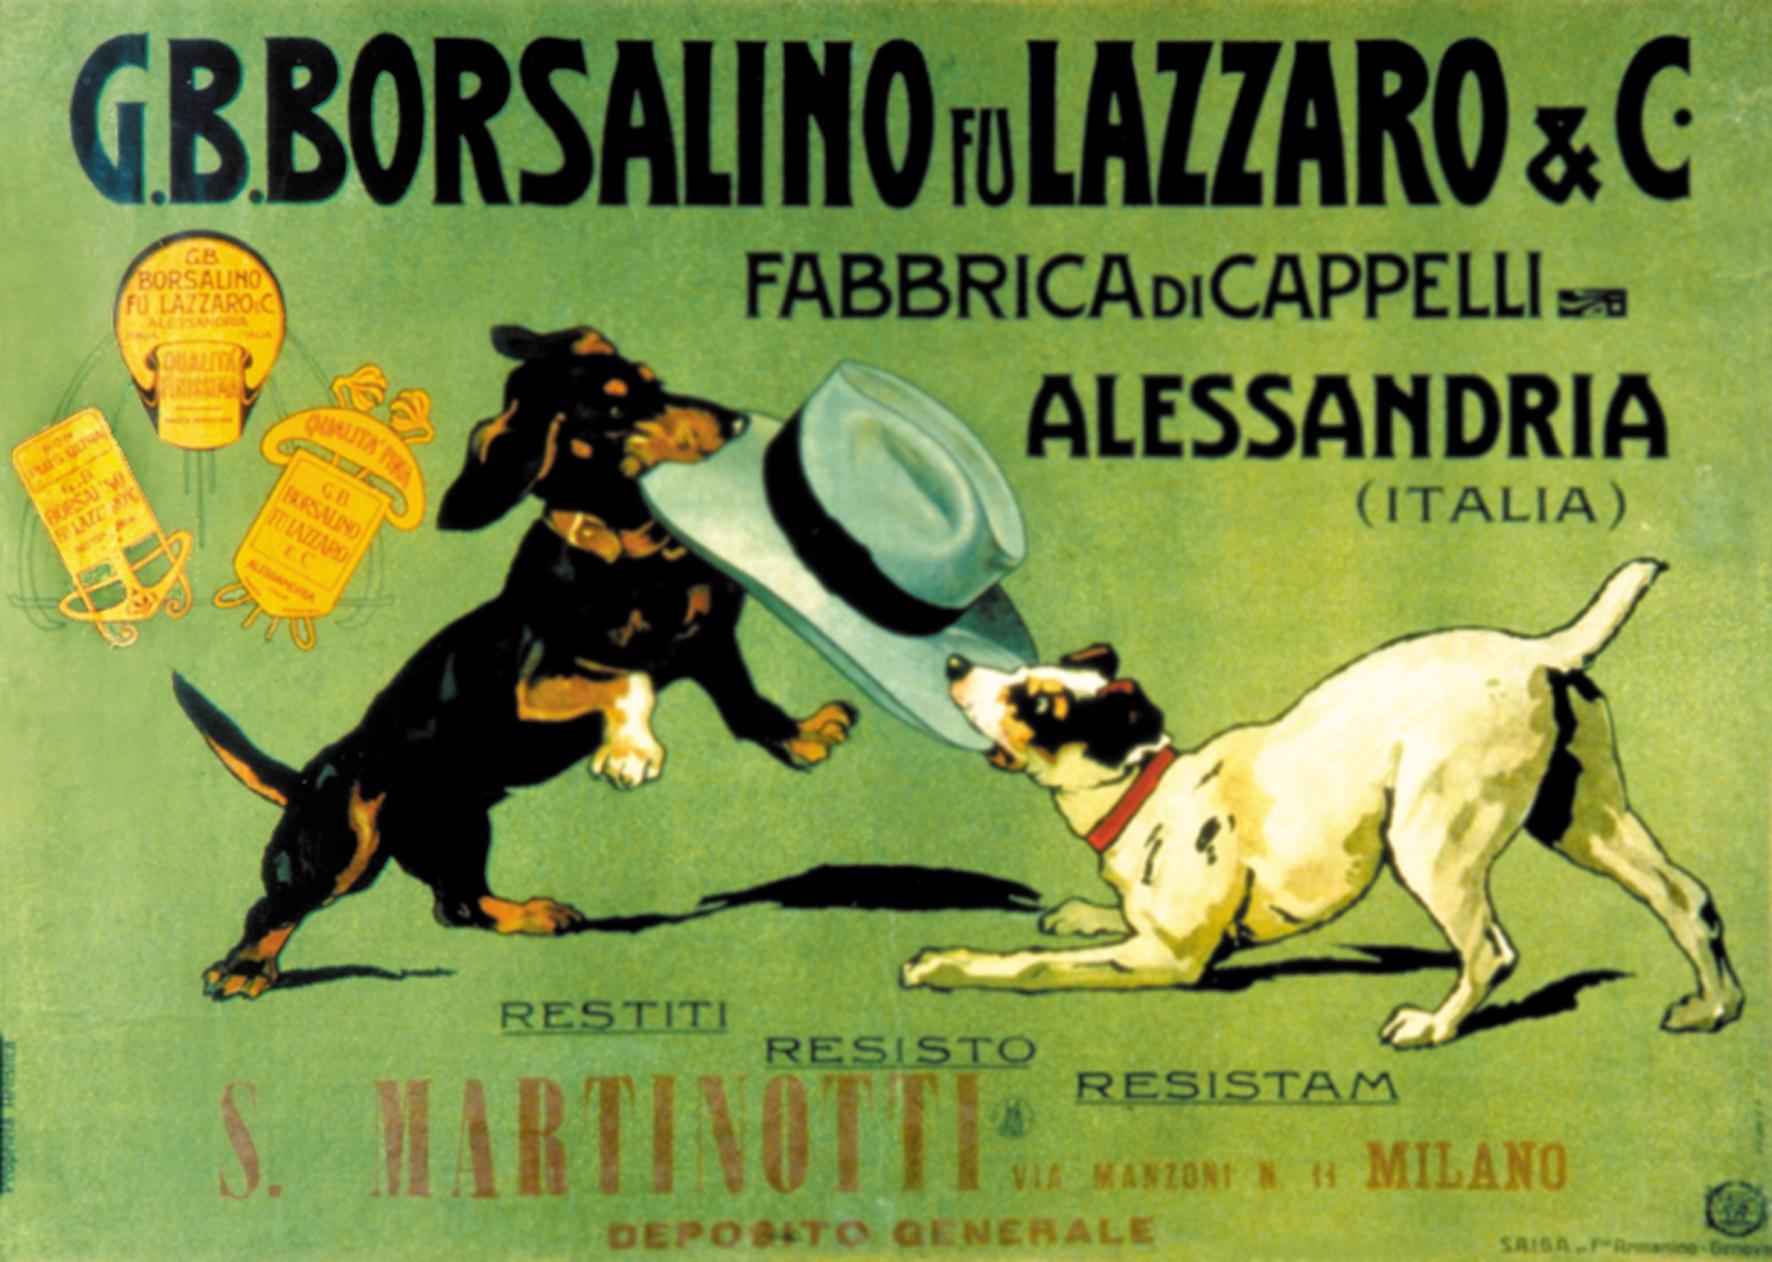 Borsalino City - 1 Lazzaro - Immagine concessa dalla Collezione Opere d'arte della Fondazione Cassa di Risparmio di Alessandria